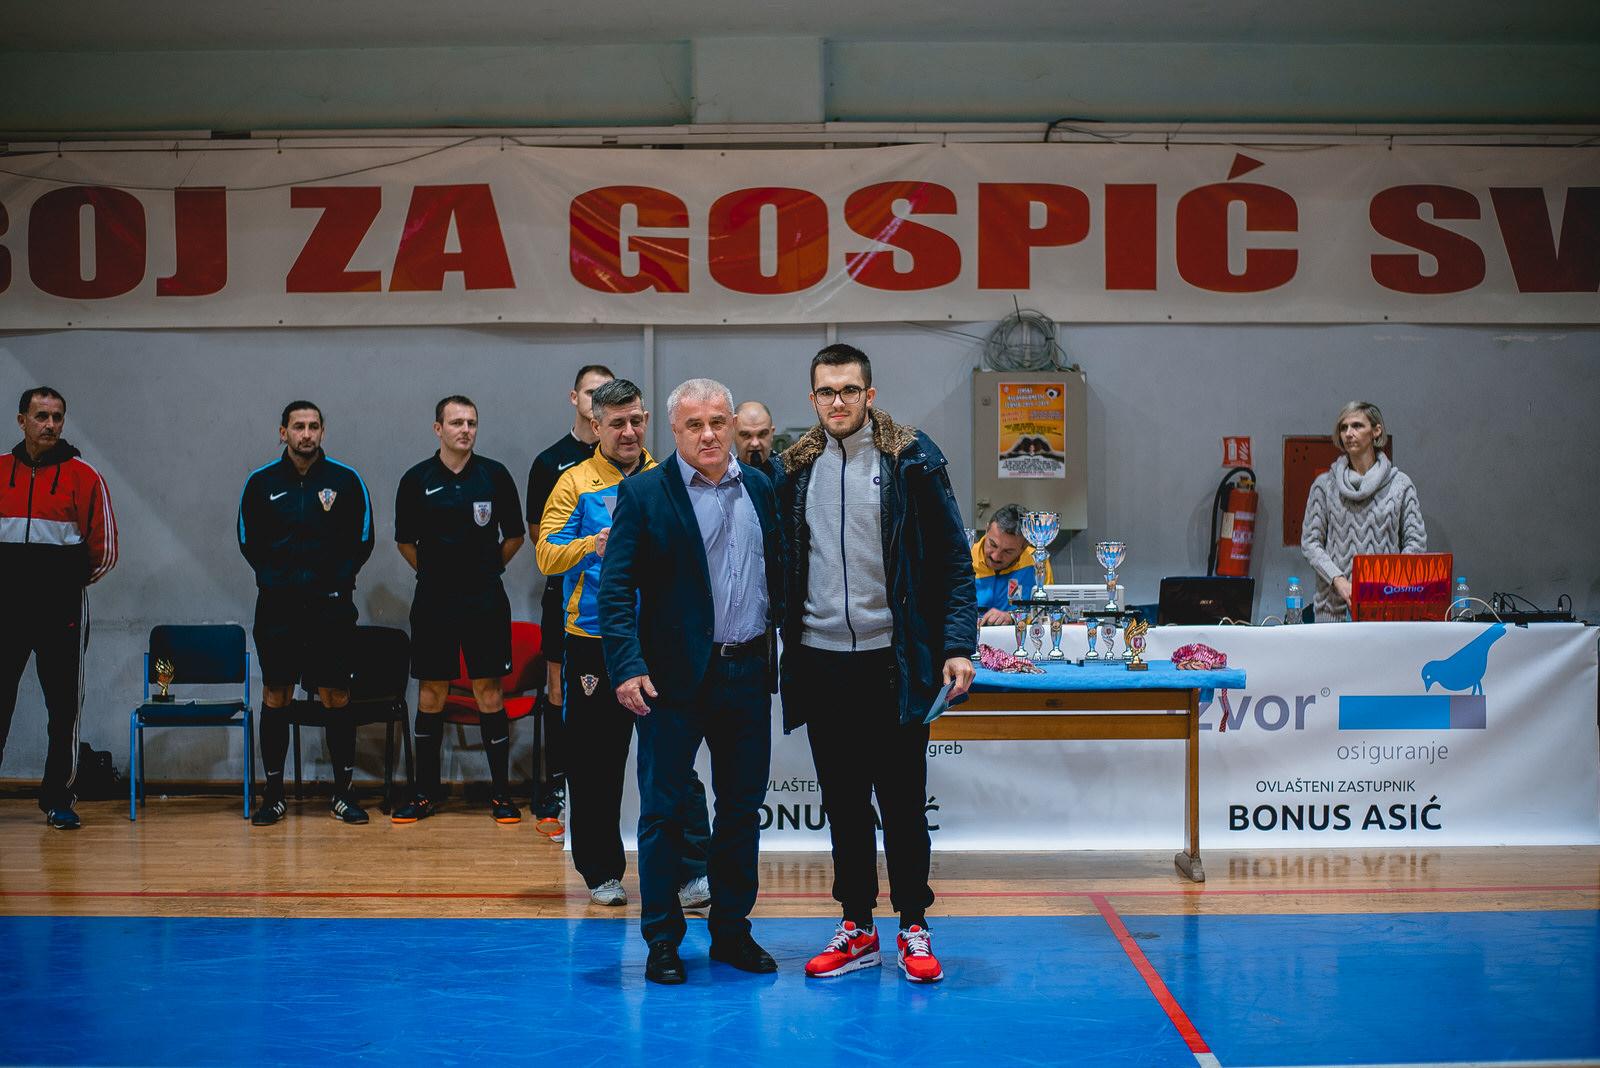 likaclub_gospić_zimski-malonogometni-turnir-2018-19-101